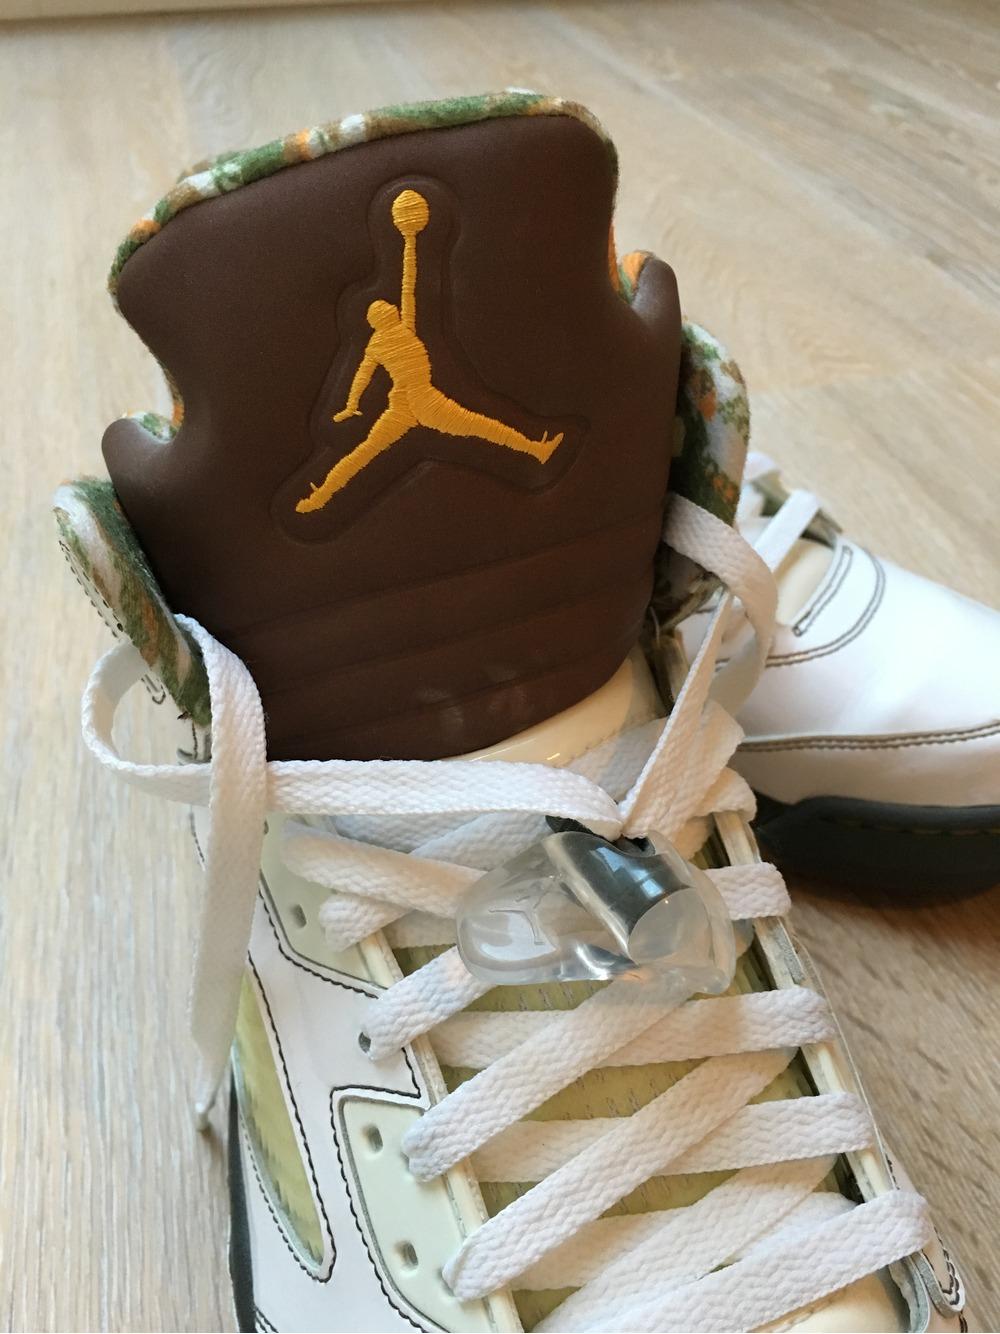 434aa80a8cf2 Air Jordan 5 Del Sol On Feet ← Efervesciencia